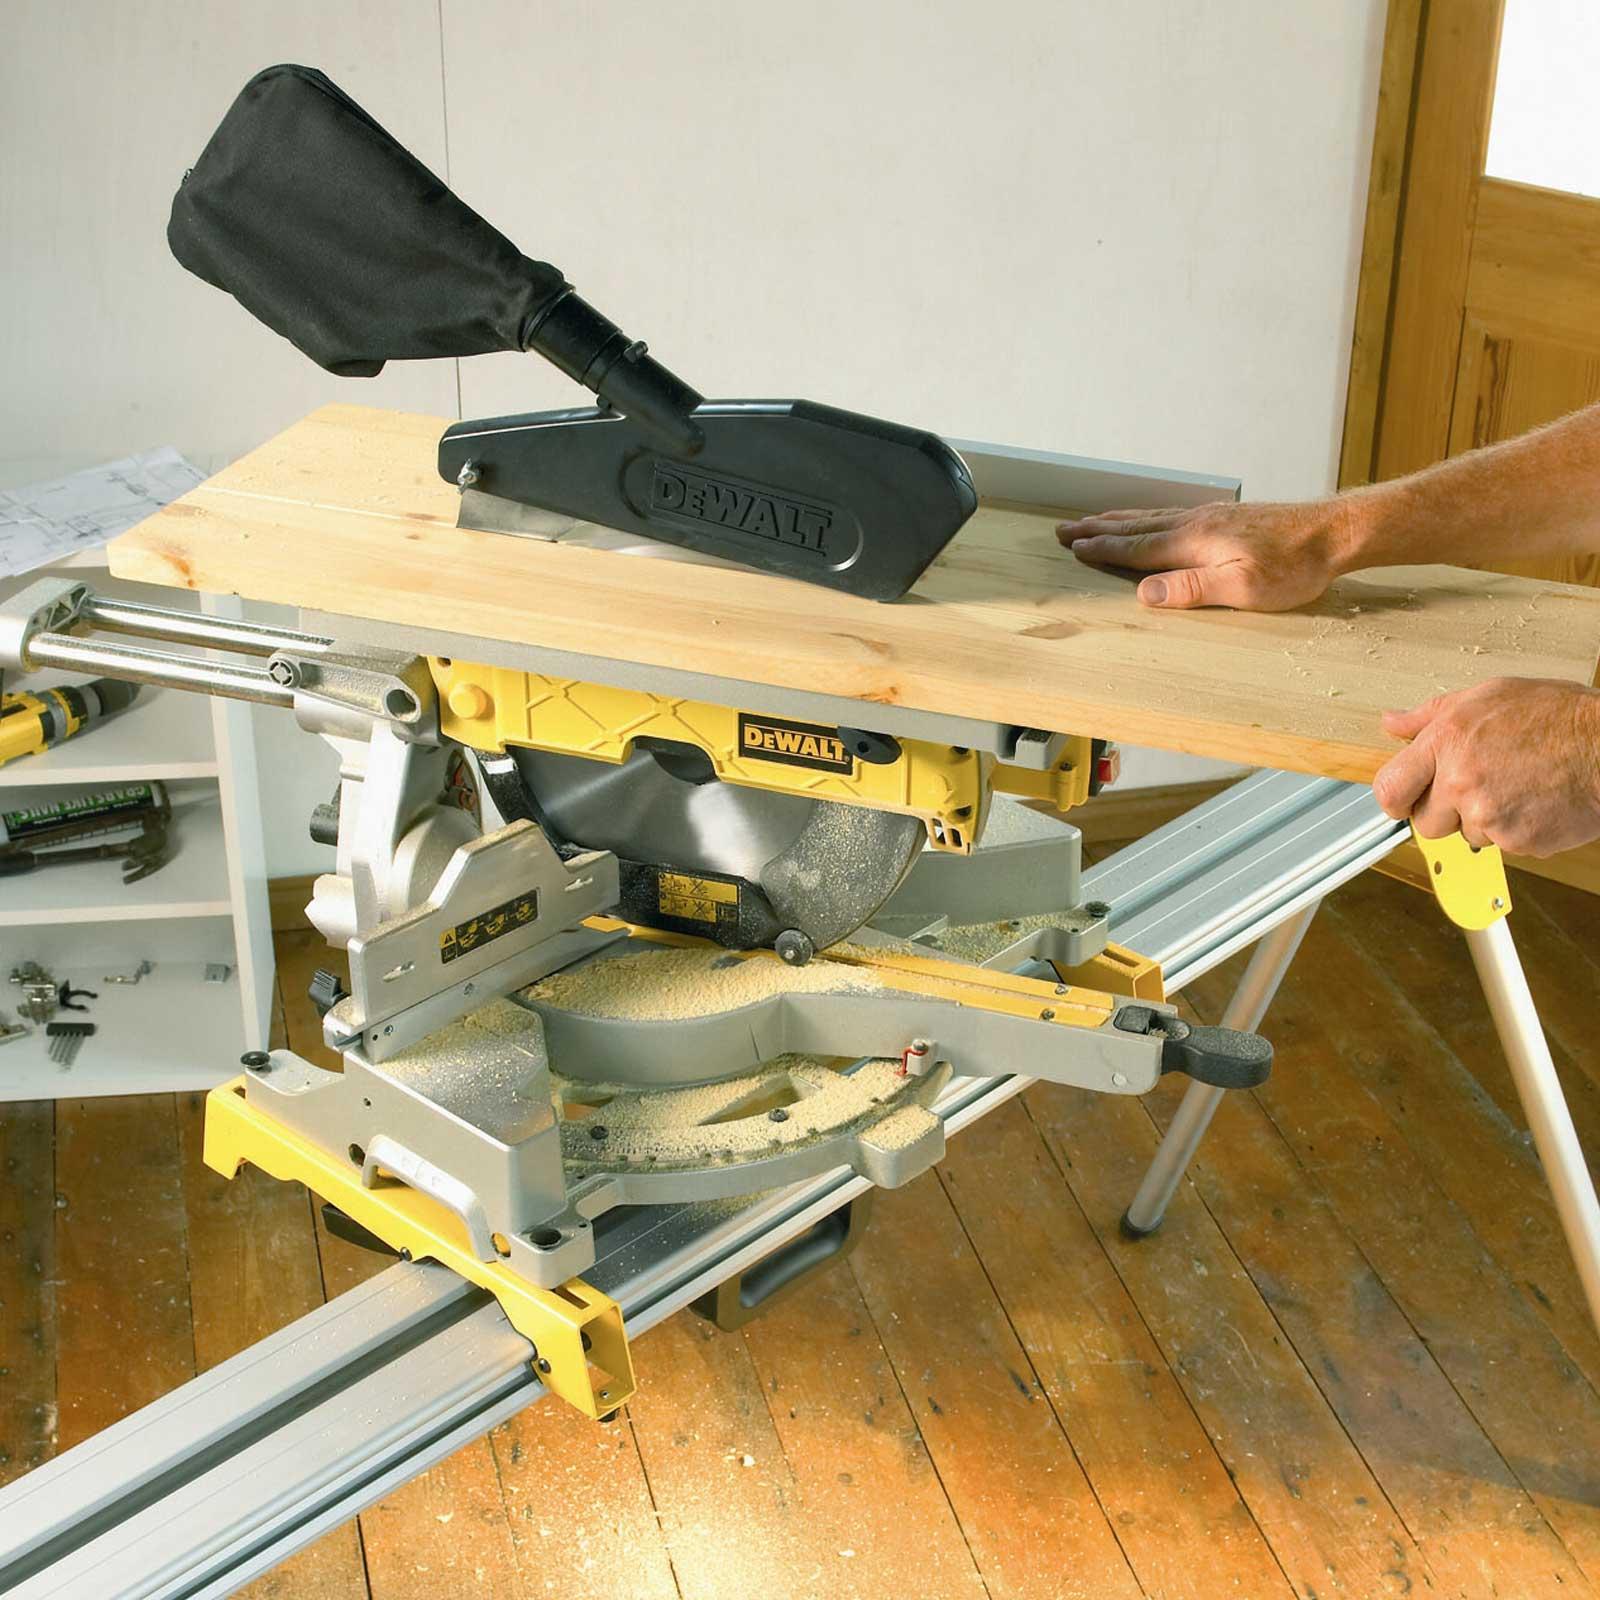 dewalt paneel und tischkreiss ge d27112 qs 1600 watt. Black Bedroom Furniture Sets. Home Design Ideas